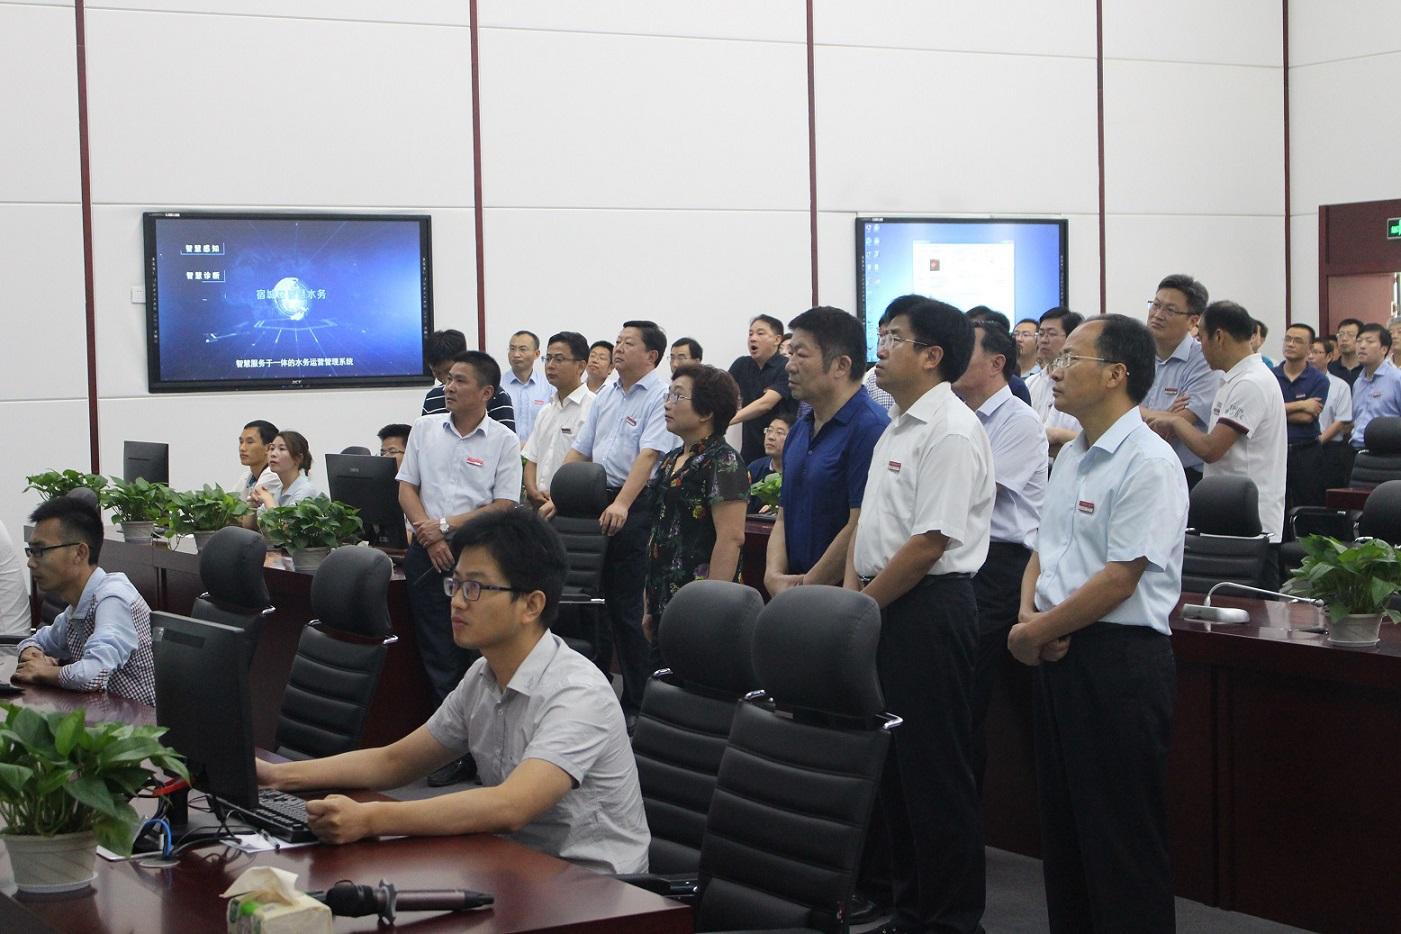 在现场观摩会测评打分汇总中,如是科技的智慧水务项目排名第一。